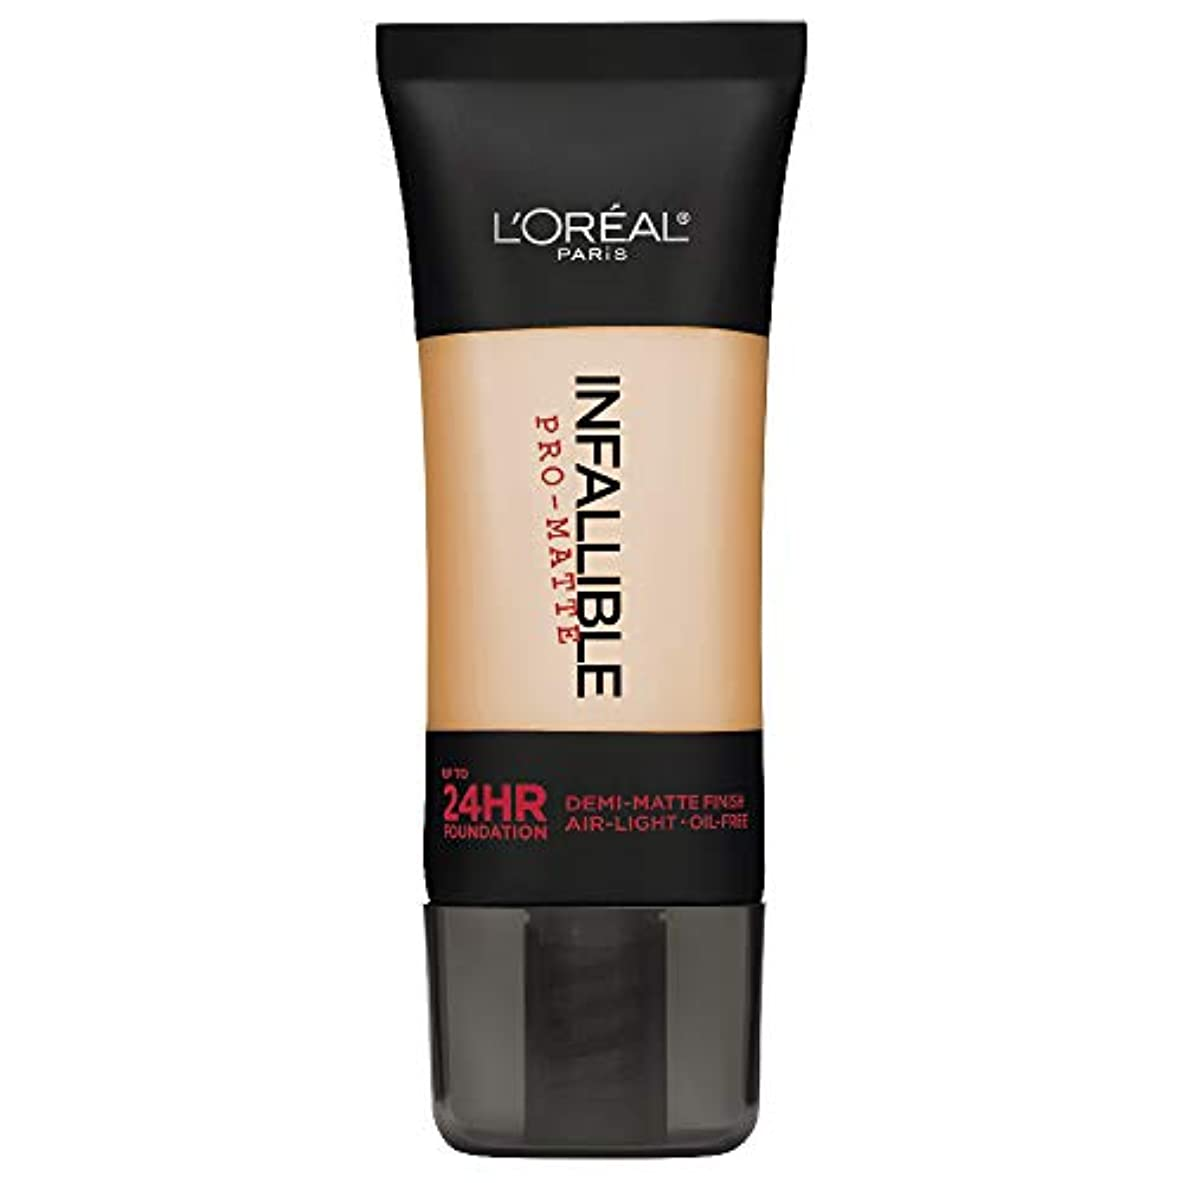 市場量で命題L'Oreal Paris Infallible Pro-Matte Foundation Makeup, 104 Golden Beige, 1 fl. oz[並行輸入品]